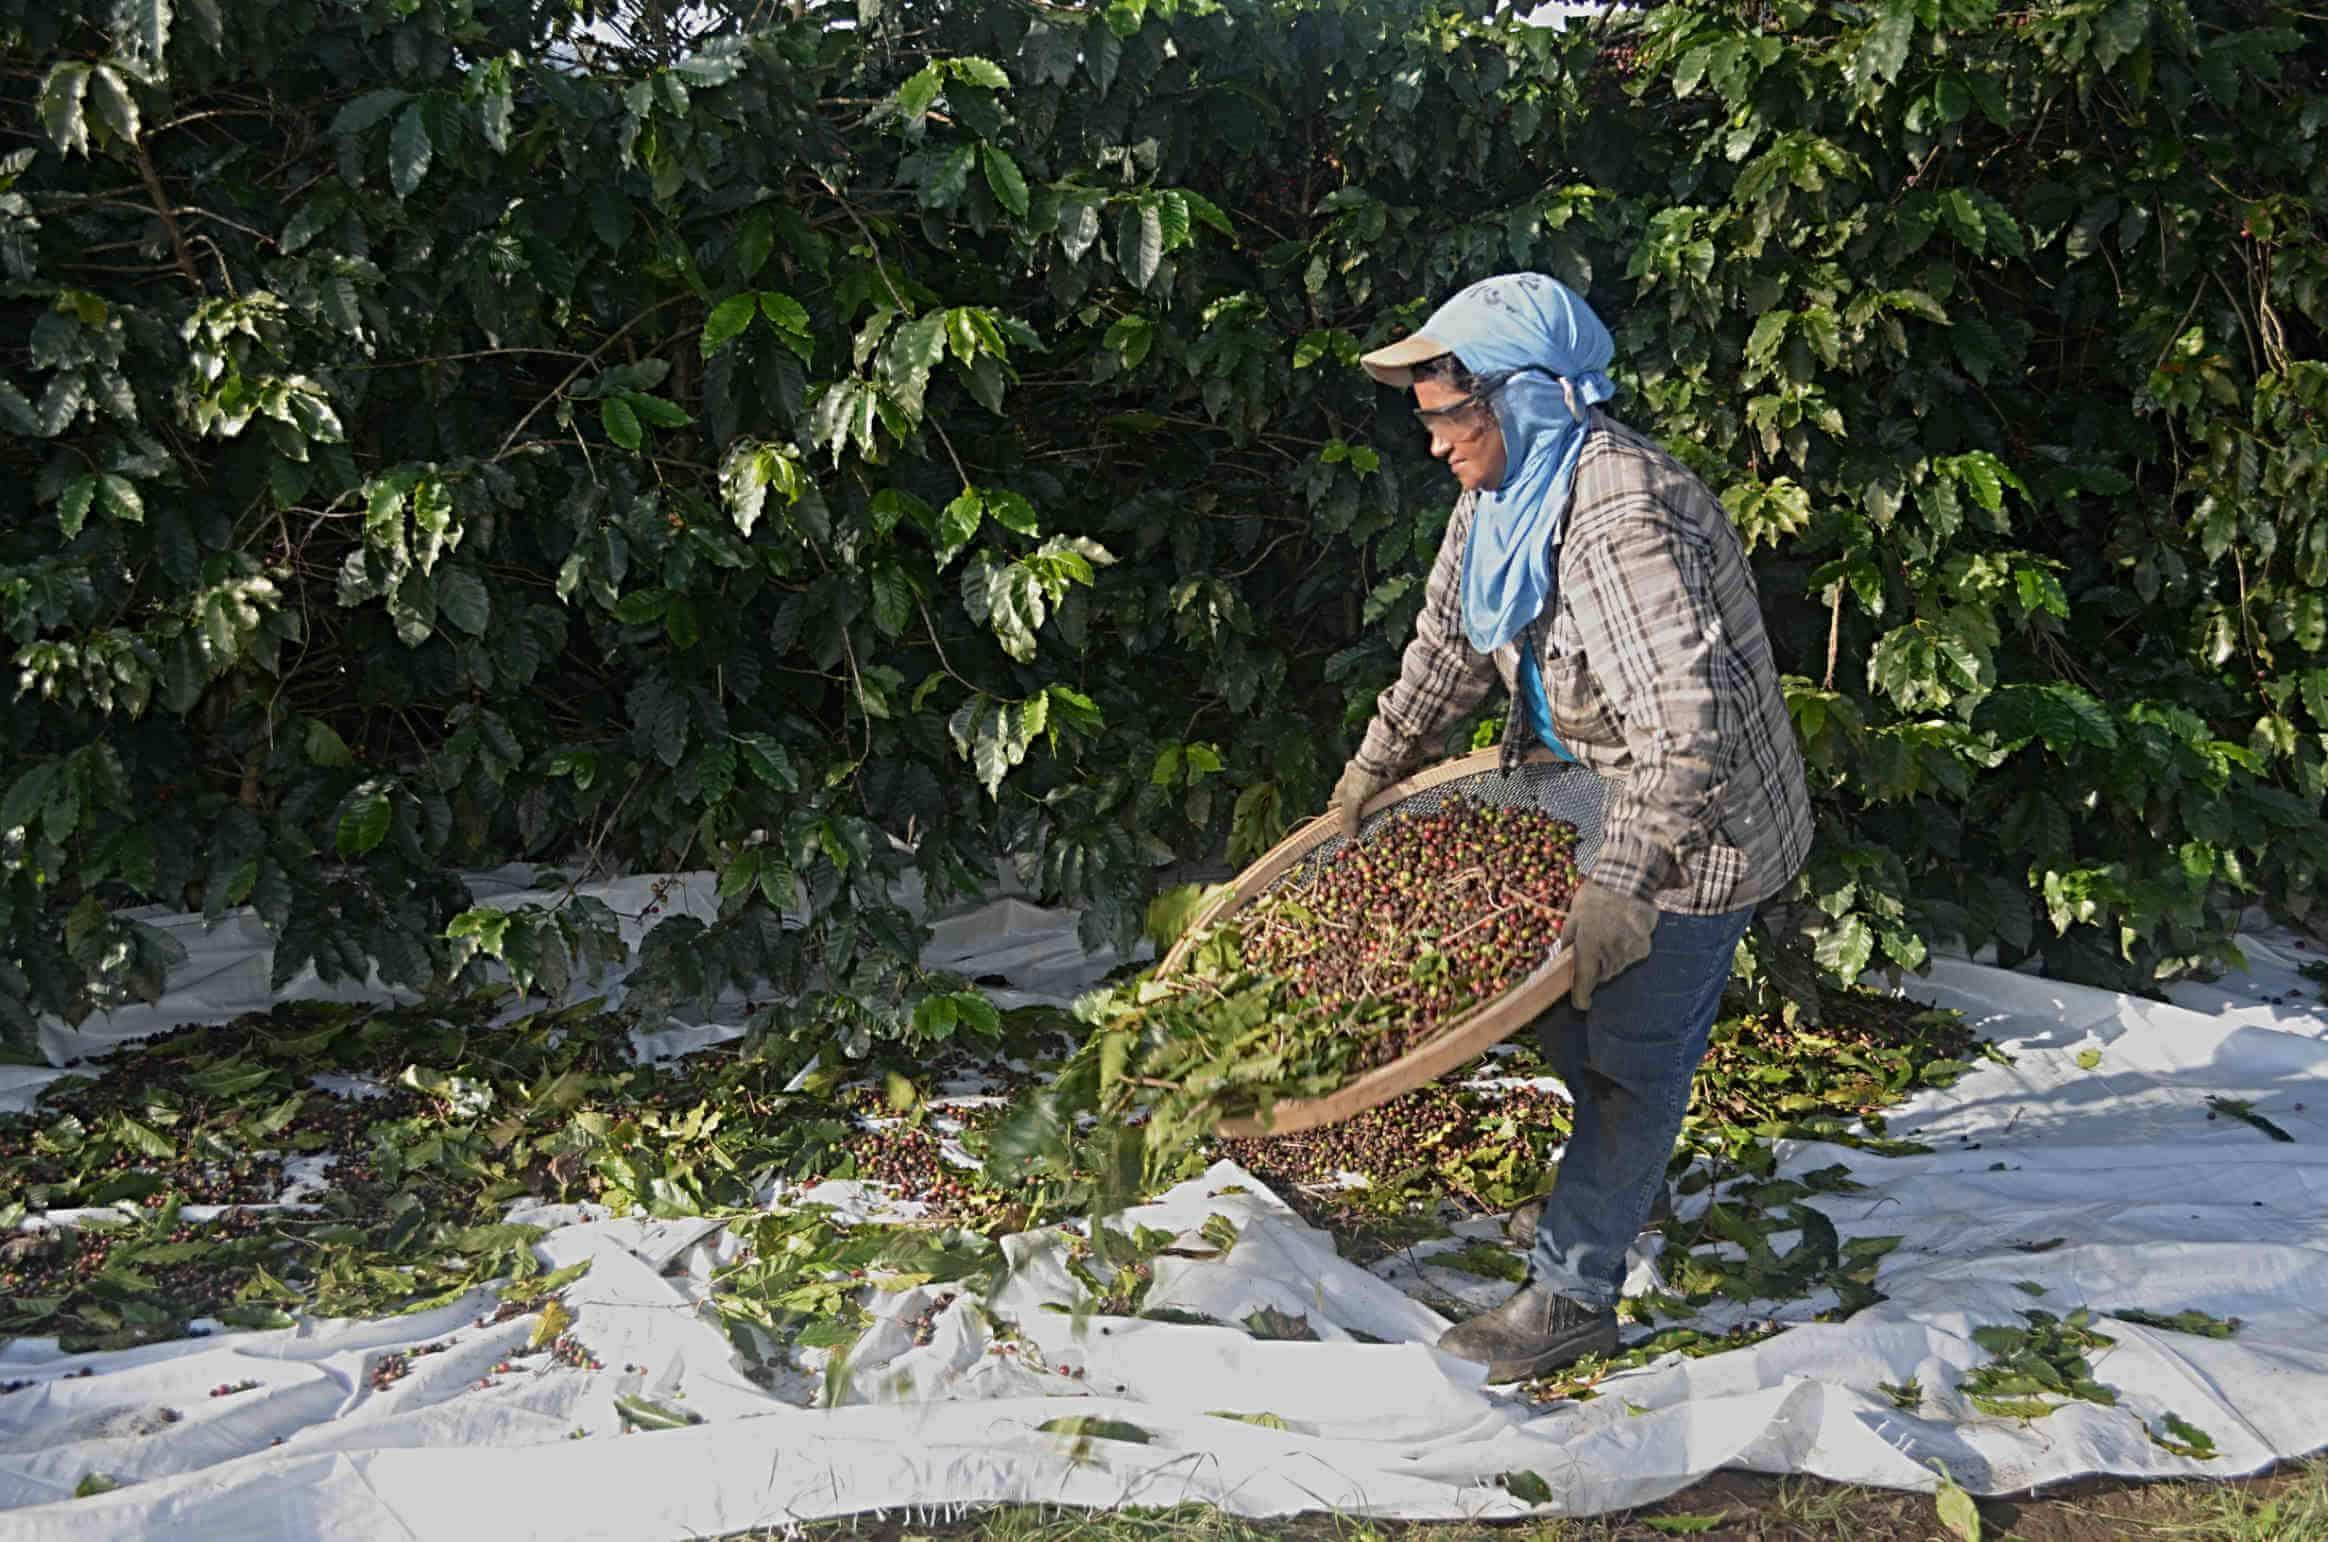 Zbiory kawy wBrazylii – Podczas zbiorów pracownicy potrząsają specjalnymi sitami ipodrzucają nanich kawę wcelu wstępnego oddzielenia owoców kawowych odliści iinnych zanieczyszczeń.